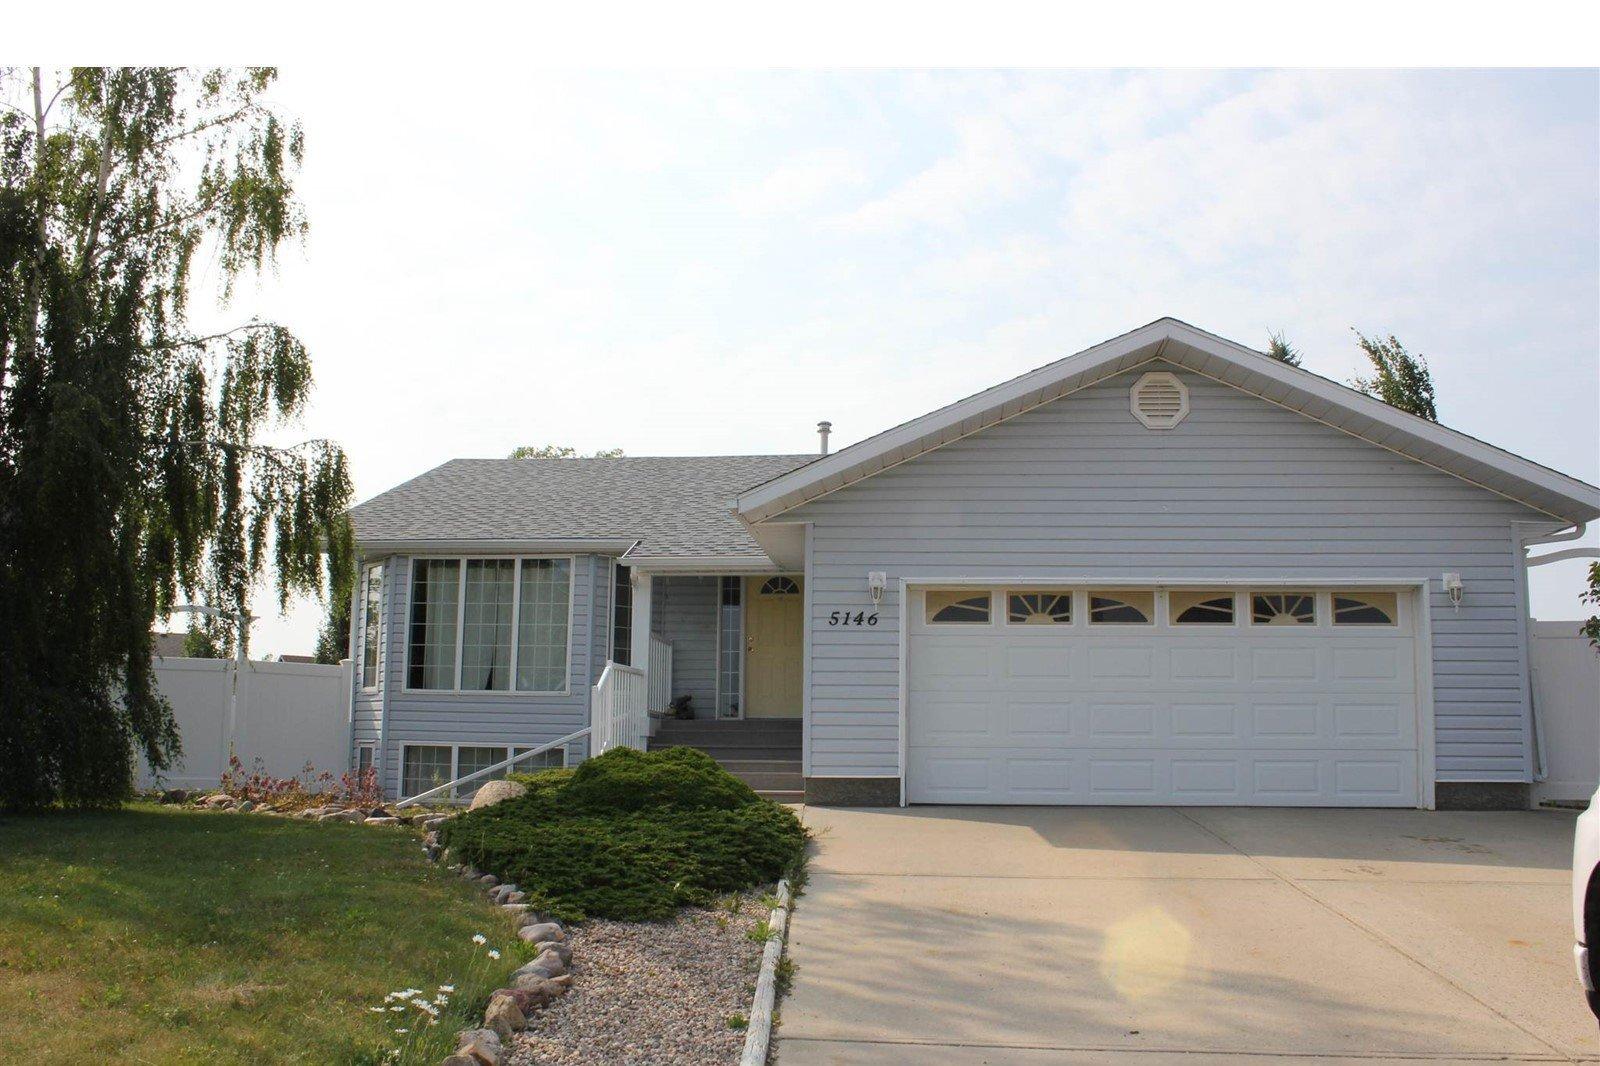 House for sale at 5146 59 Av Elk Point Alberta - MLS: E4195131